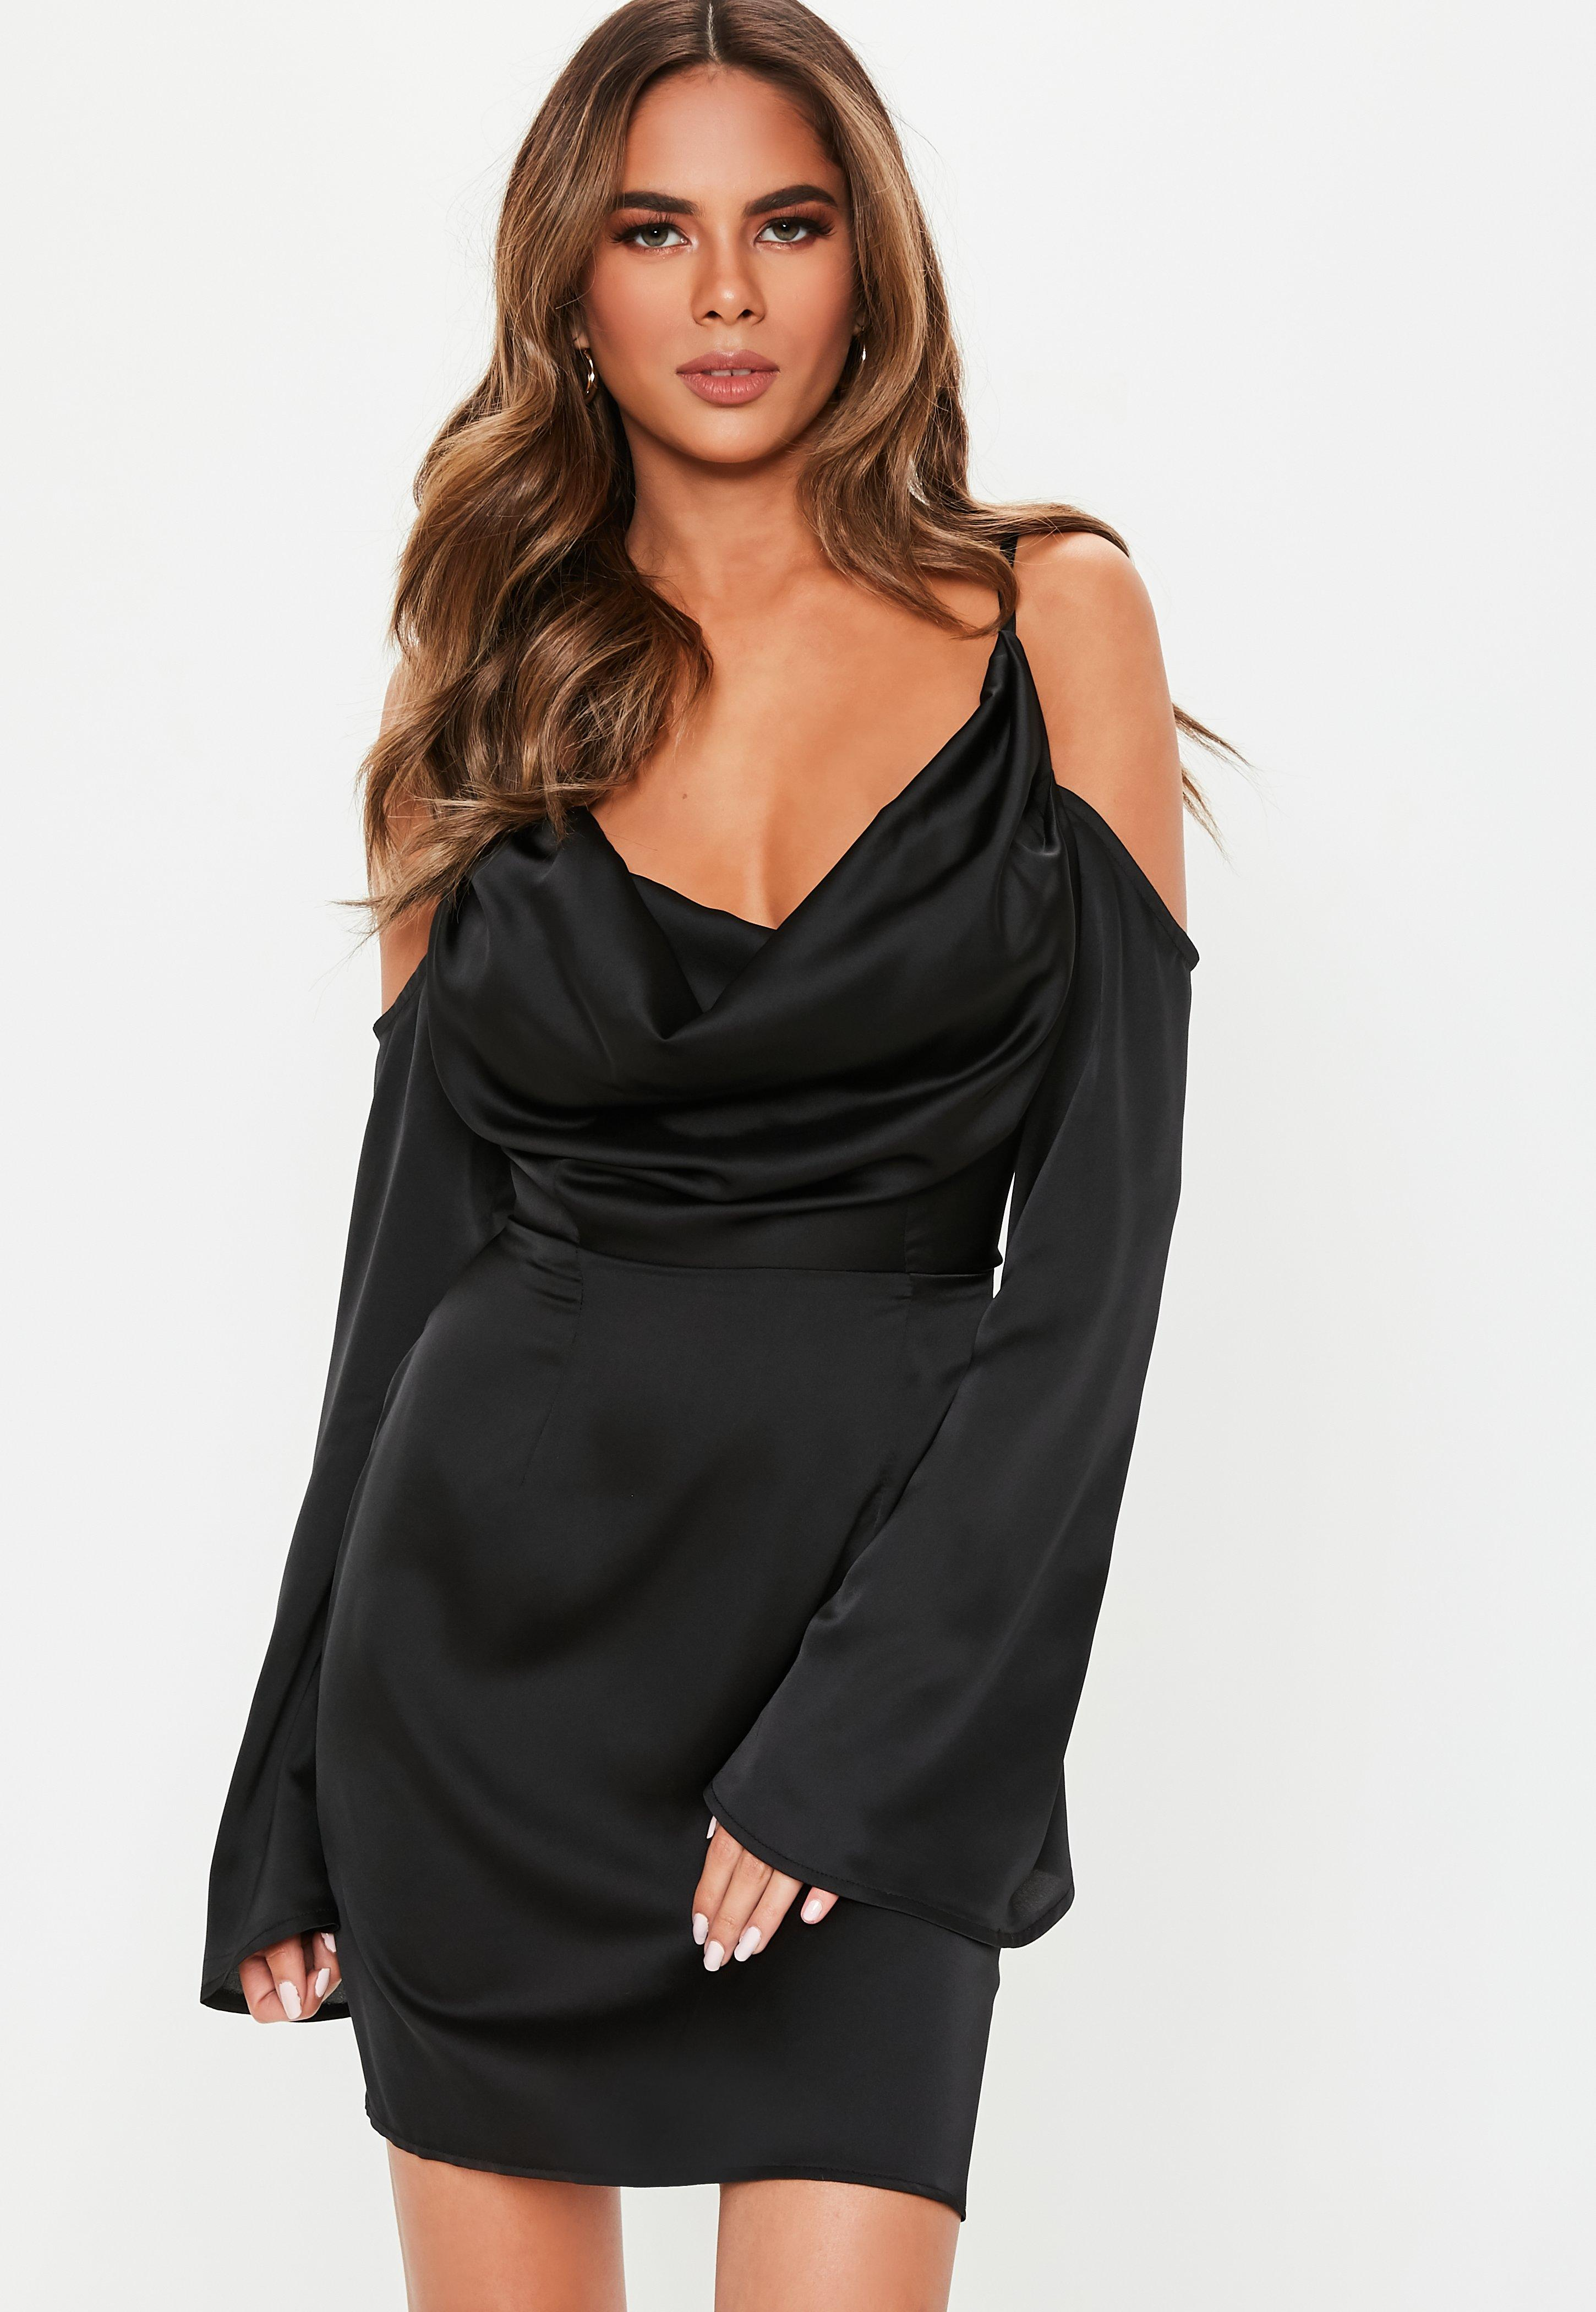 229f92f58d34d Sale - Cheap Clothes for Women Online - Missguided Australia